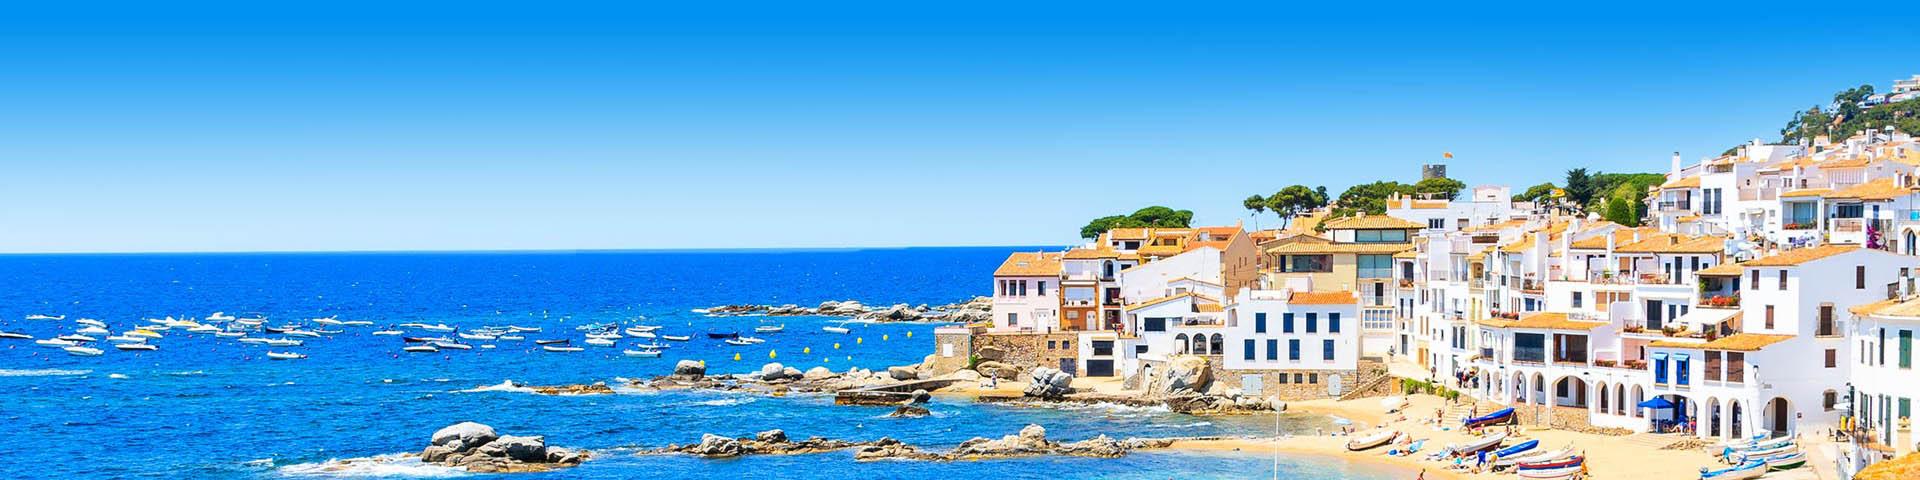 Aan de waterkant met prachtige Spaanse huisjes.